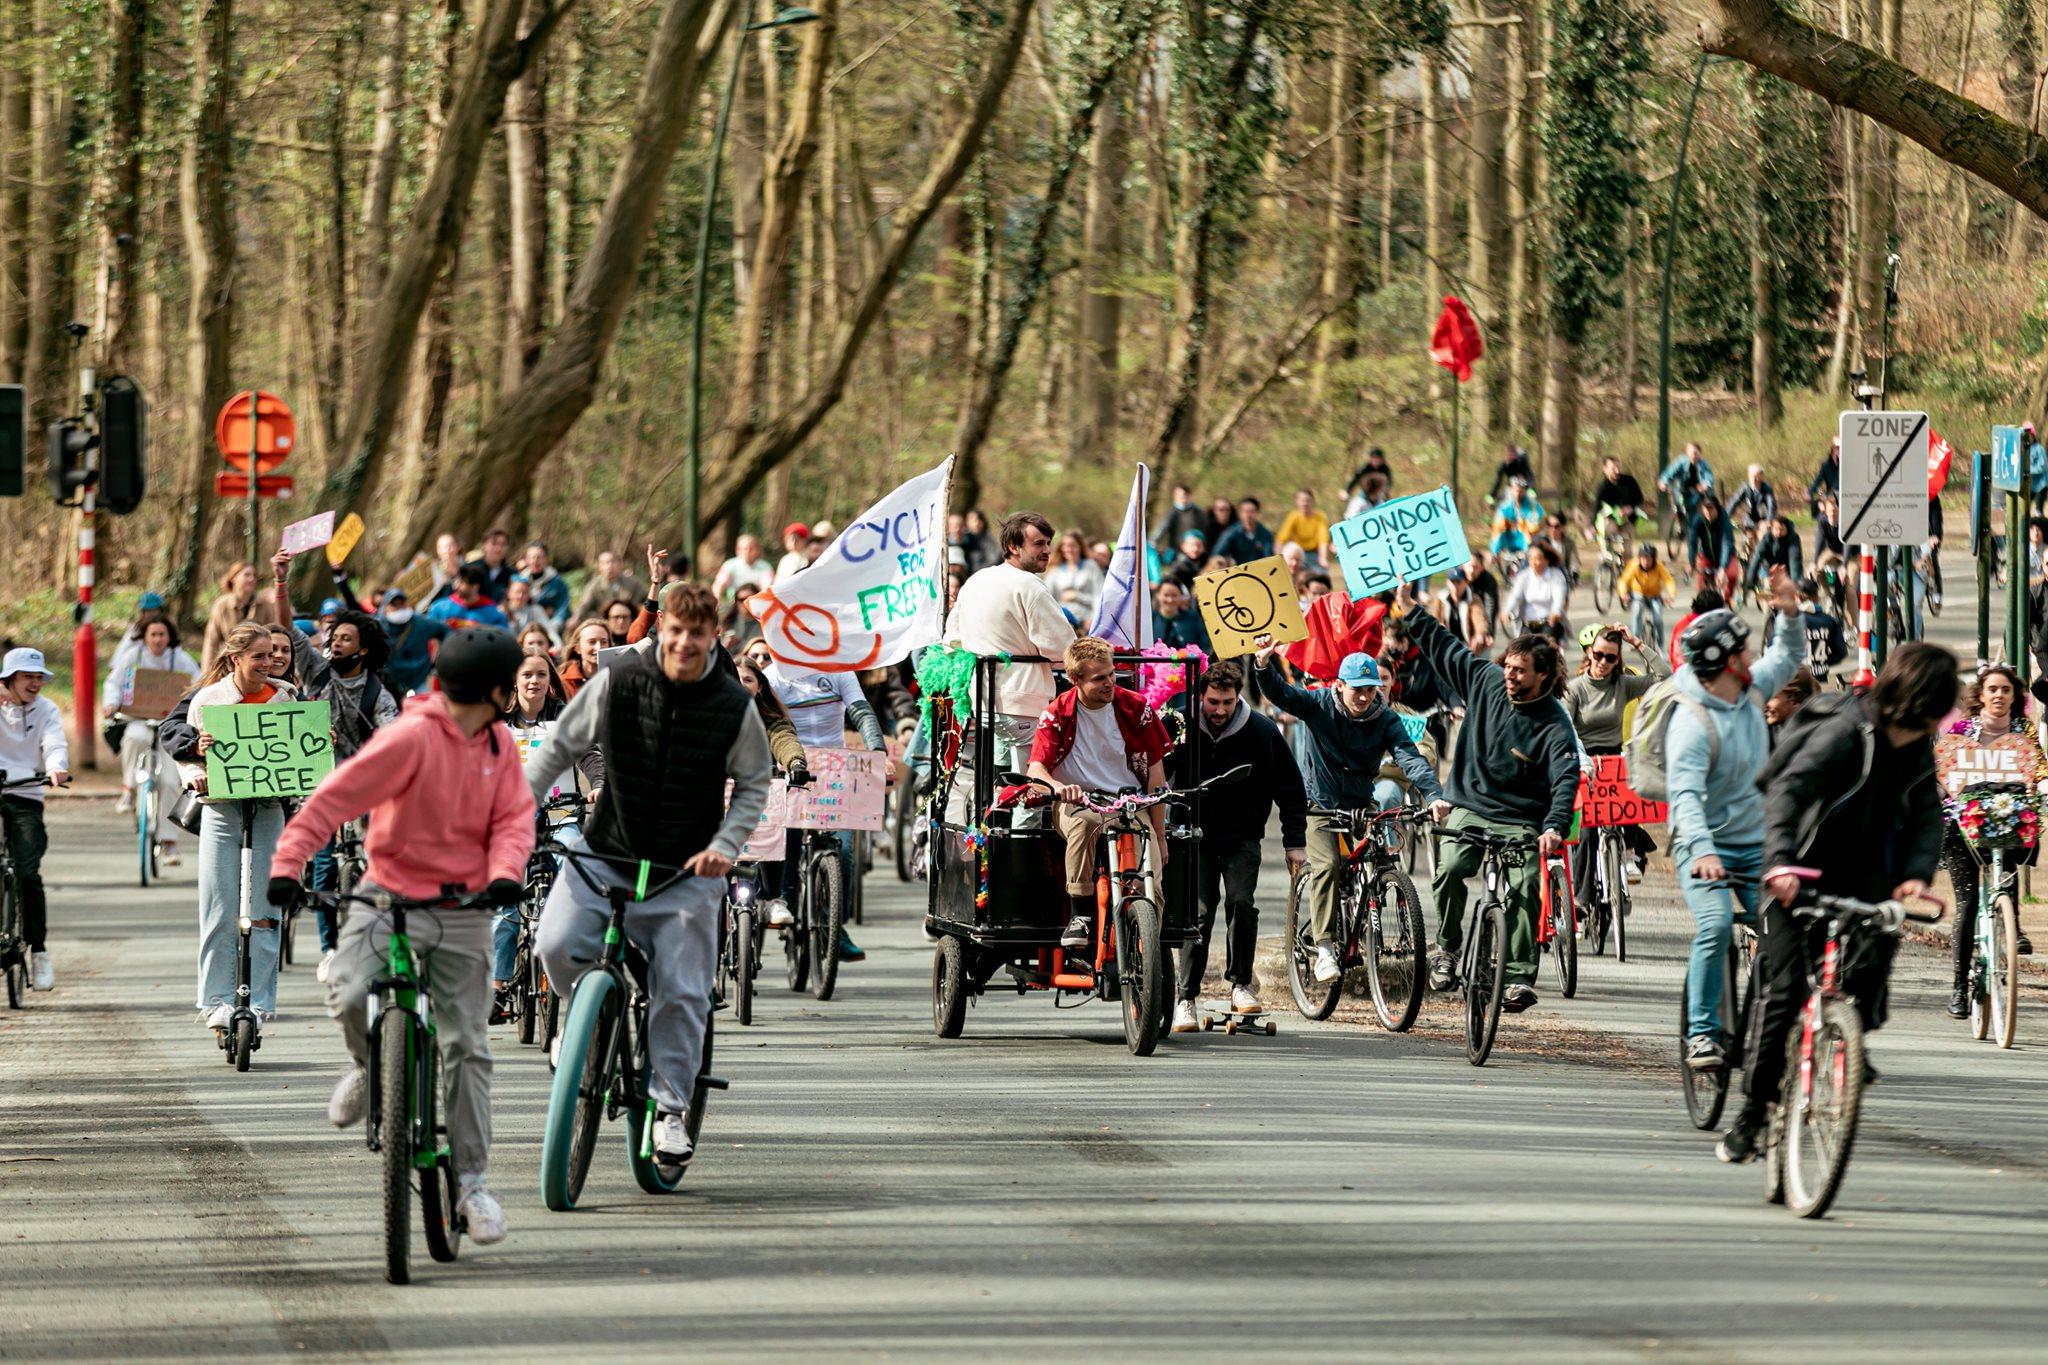 Bike Parade Cycle For Freedom à Bruxelles. Crédit : Jon Verhoeft